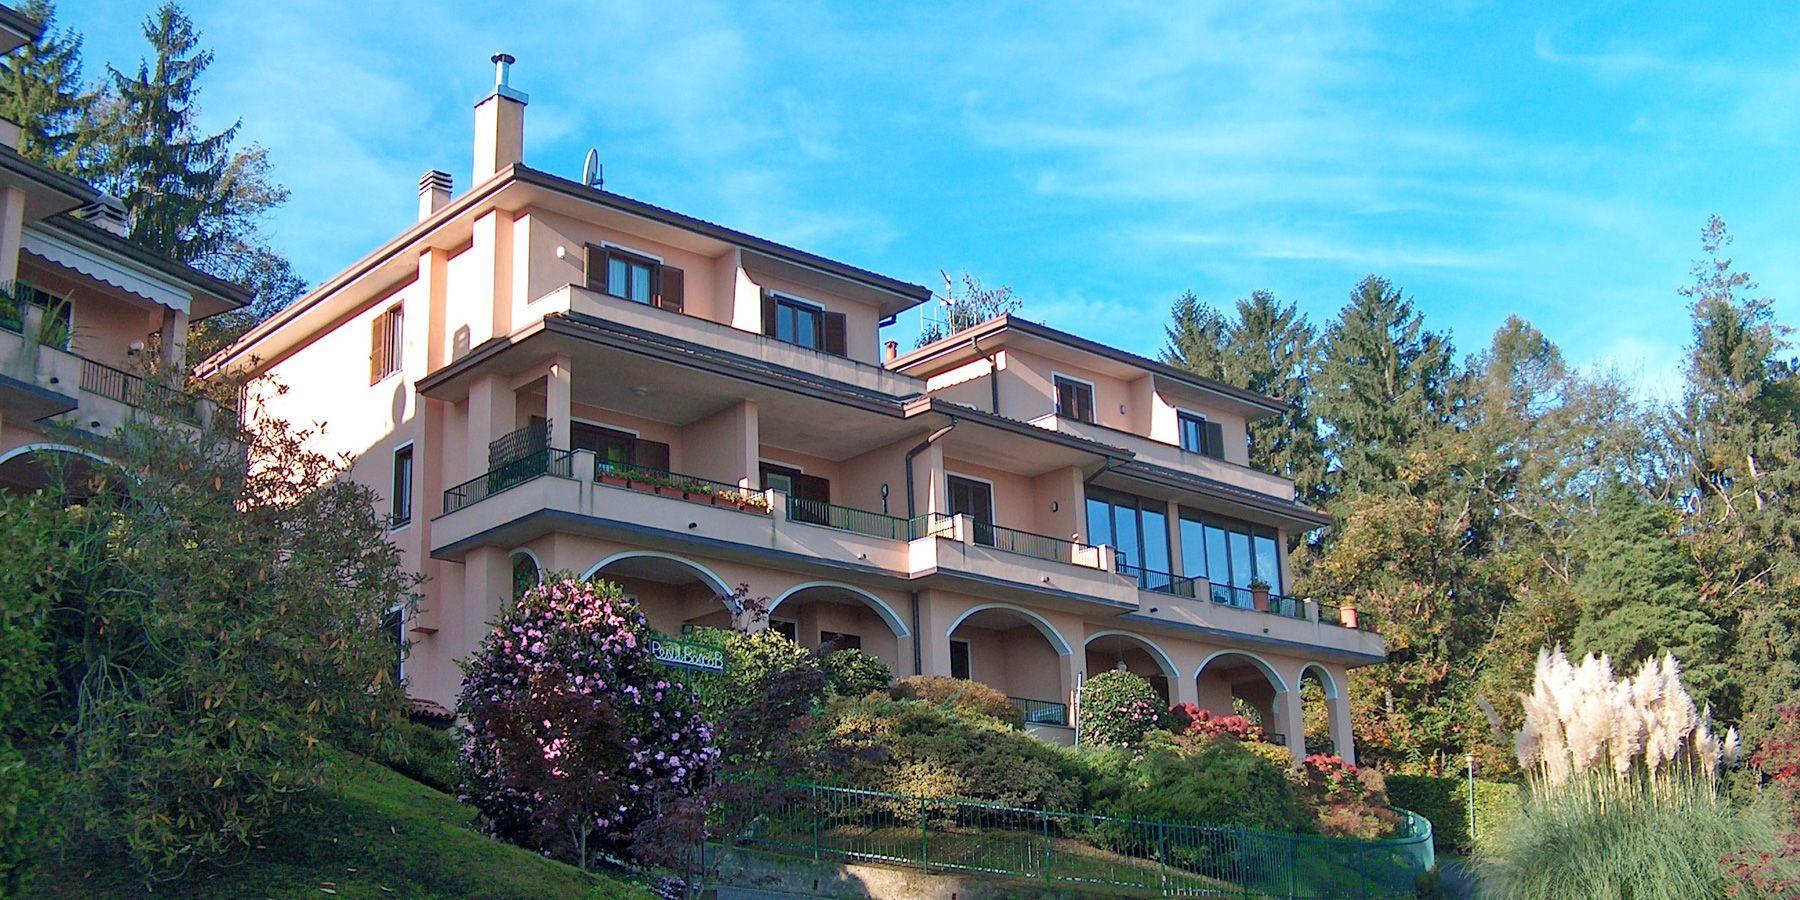 Wohnung kaufen in Stresa mit Seeblick